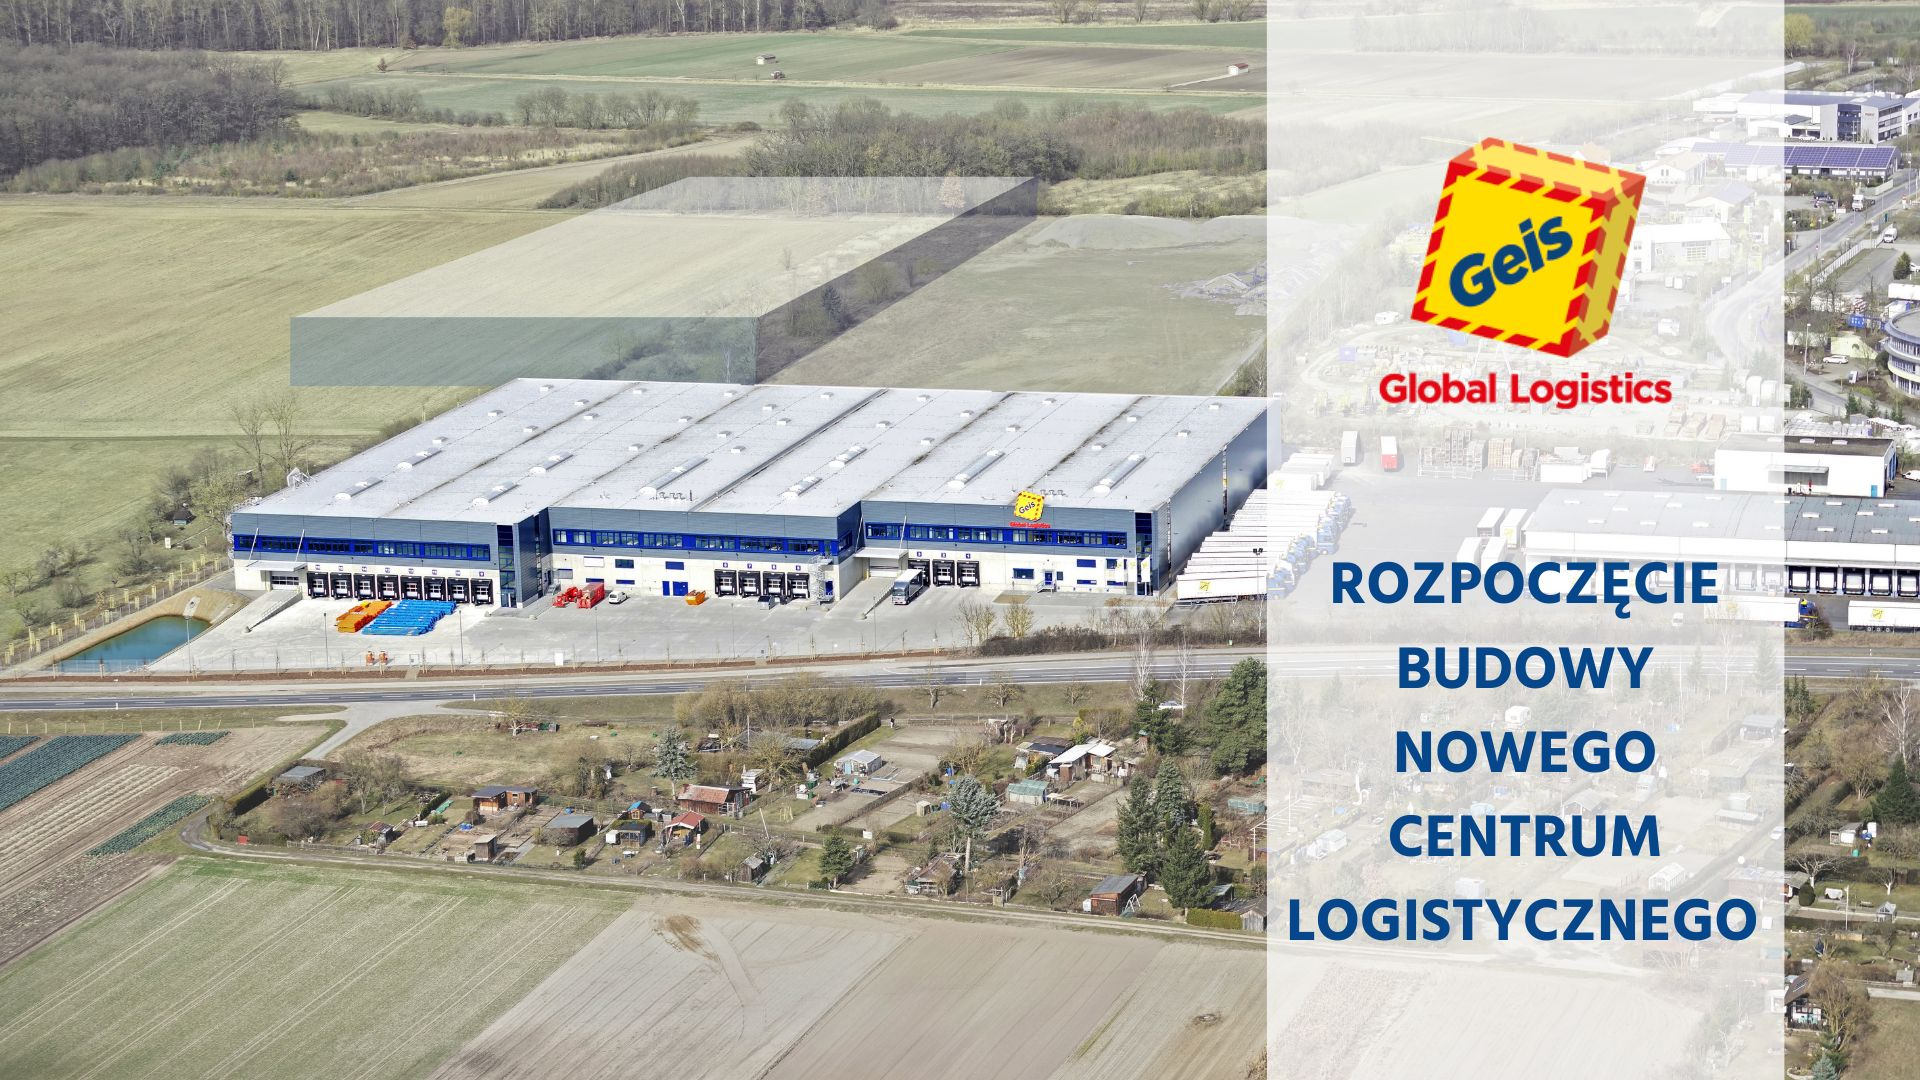 Otwarcie pierwszej części nowego centrum logistycznego w Norymberdze